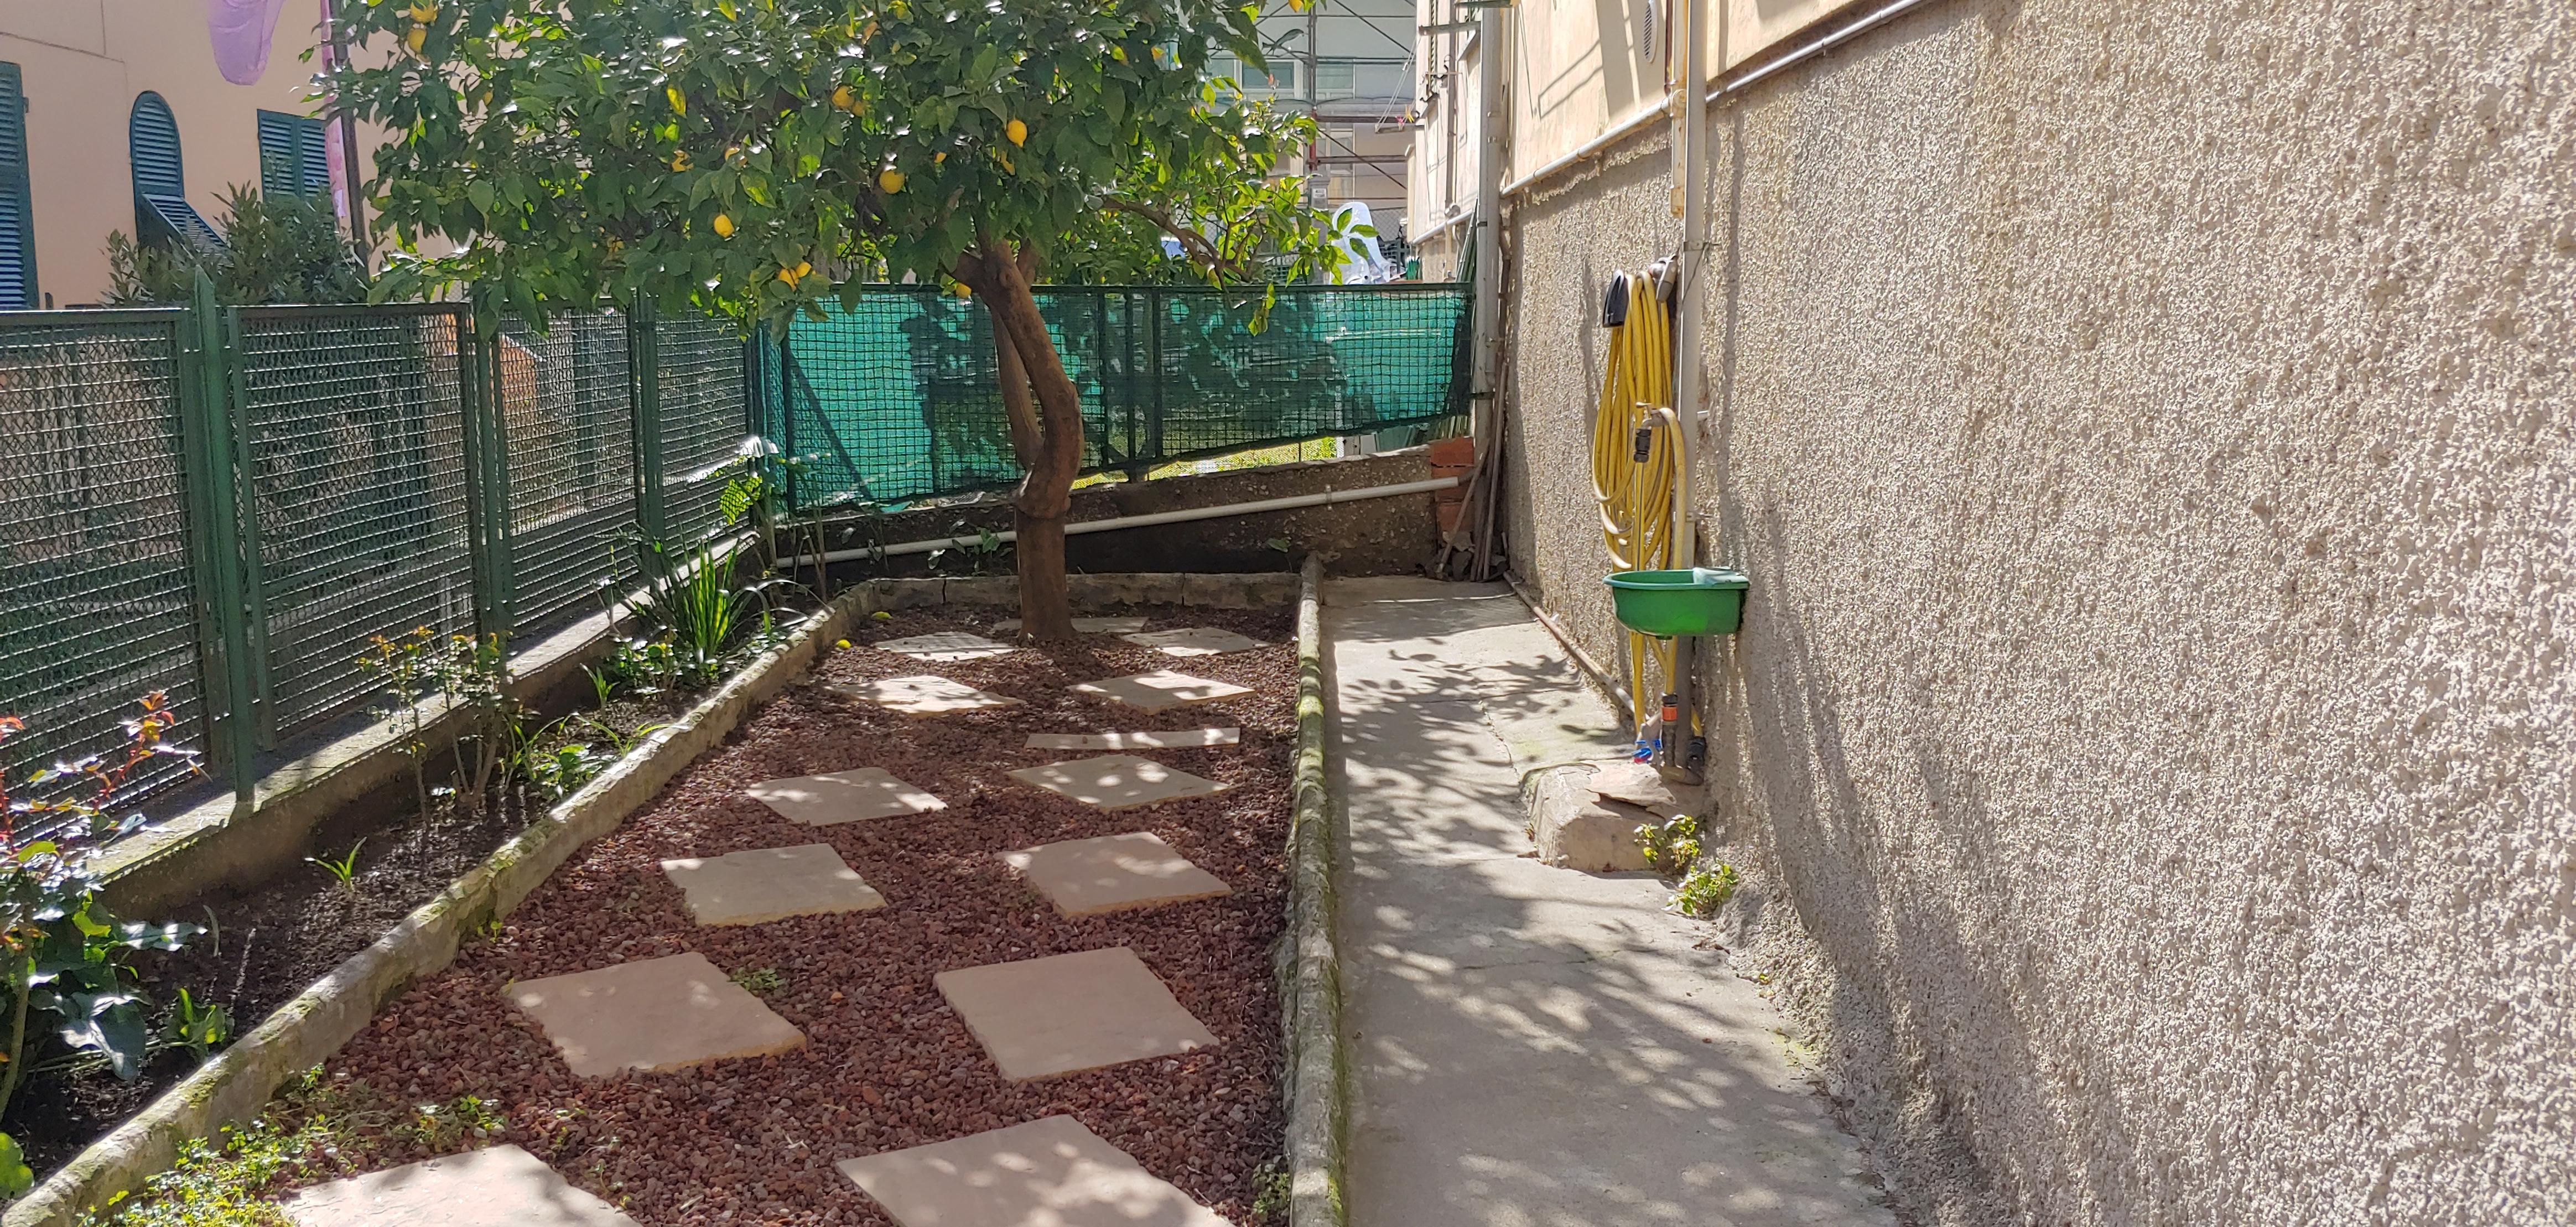 affitto via arrivabene arredato giardino contratto transitorio